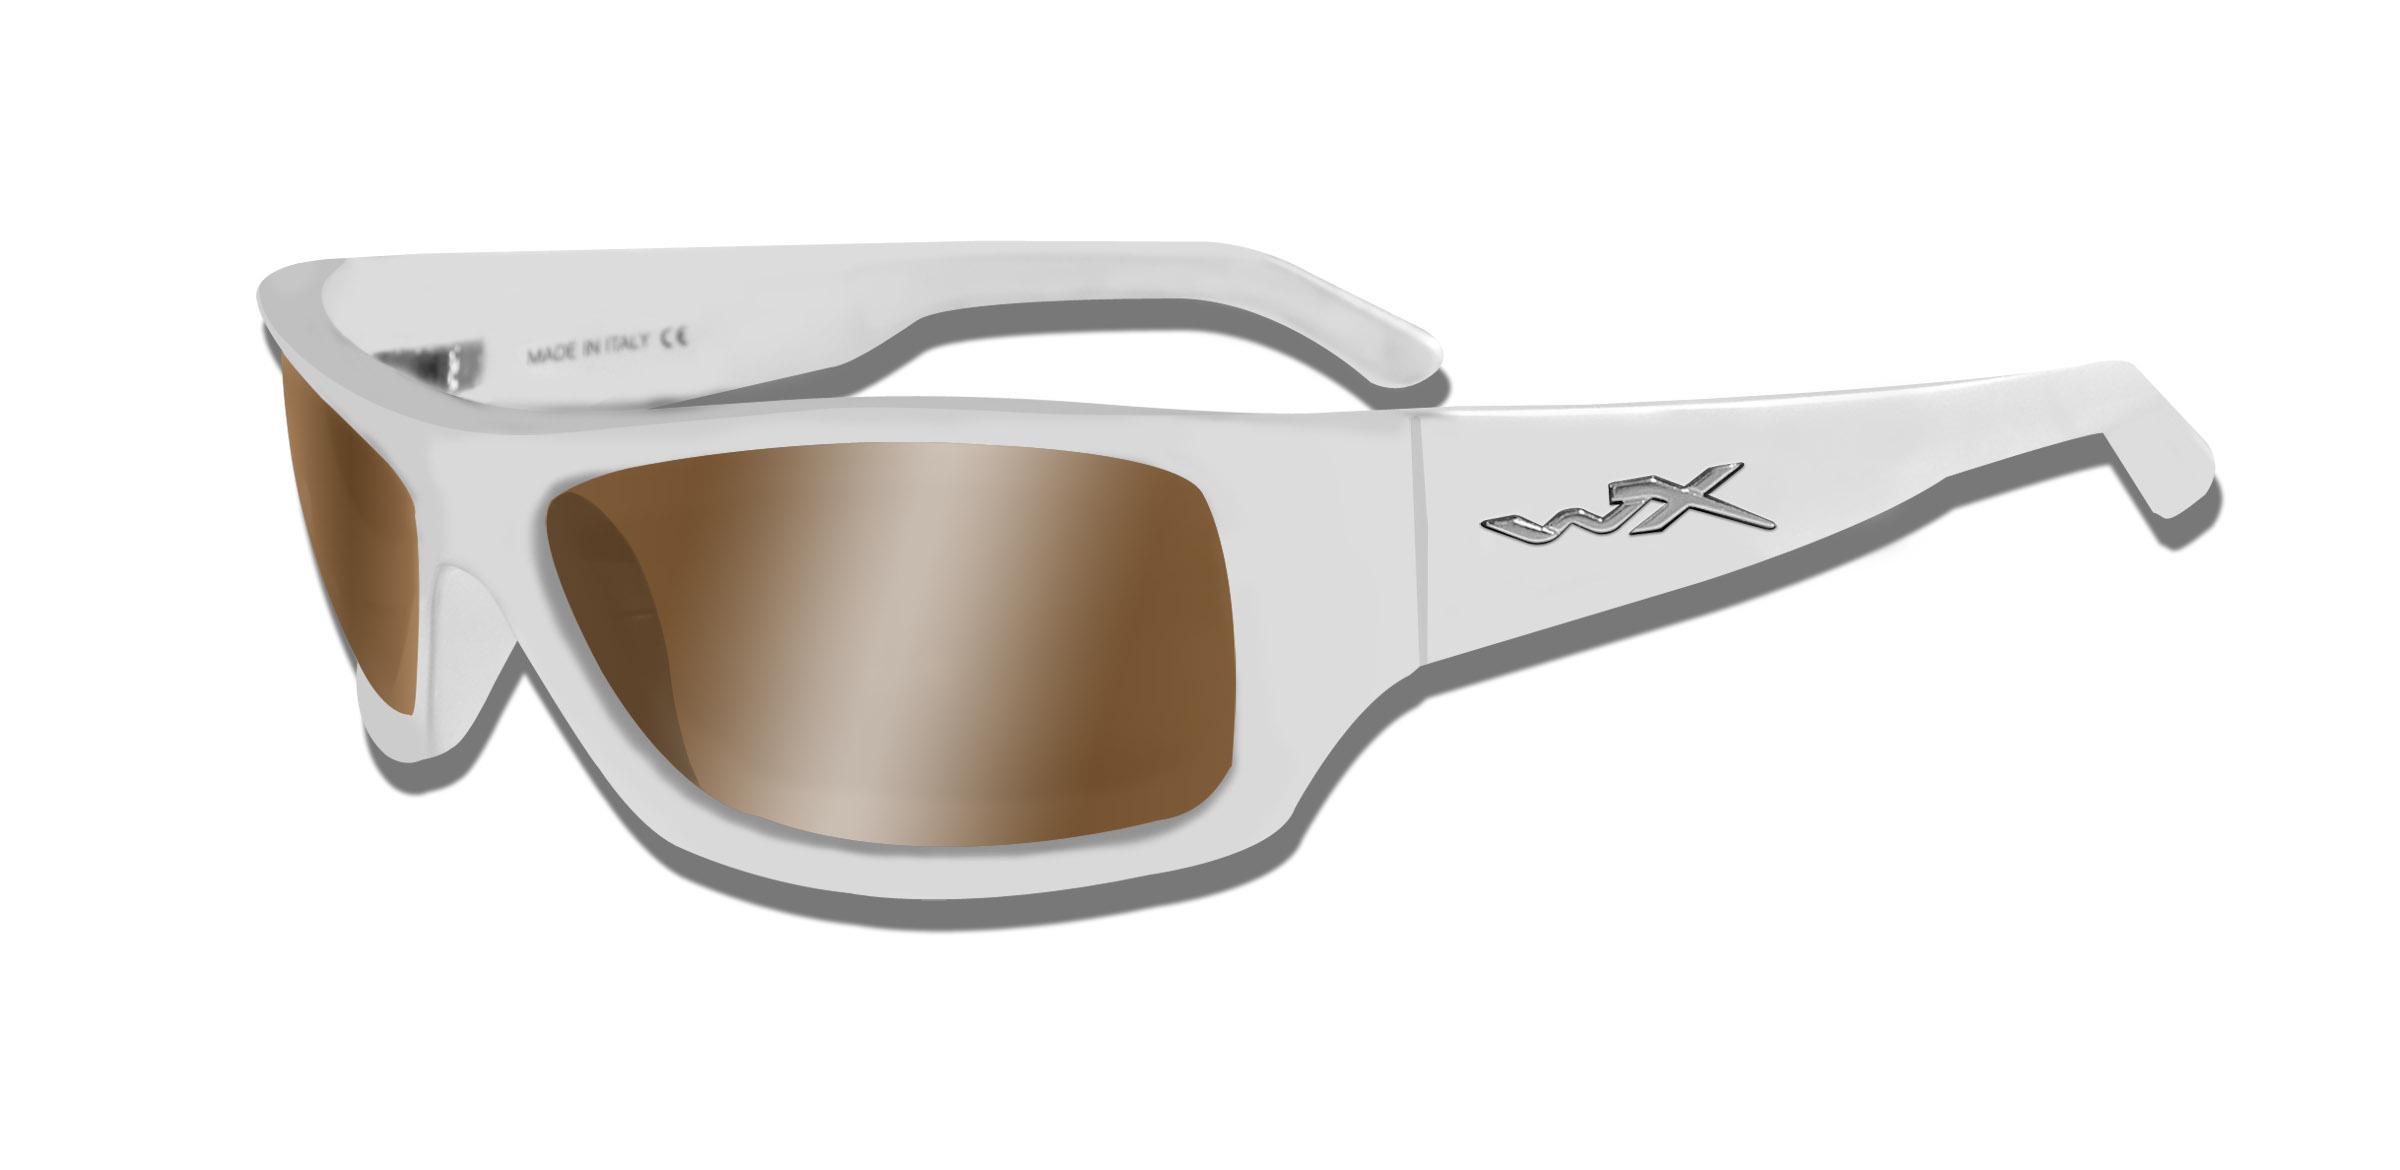 Napszemüveg Wiley X WX SLIK Ezüst gyöngyház fehér